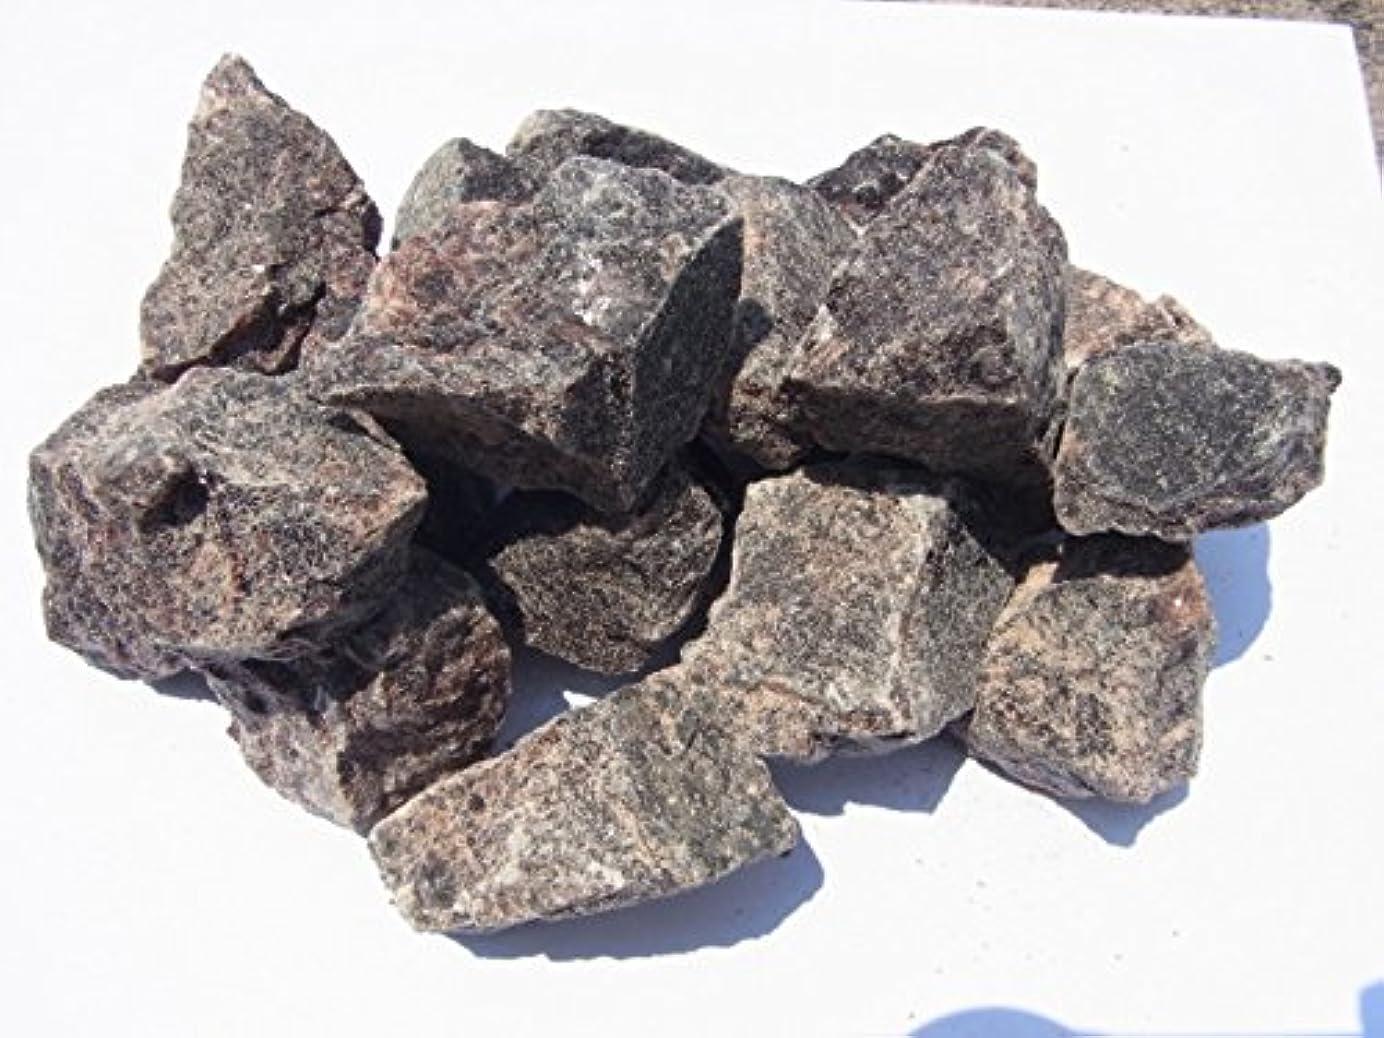 ありがたい予測する叙情的なヒマラヤ岩塩10kg【ブラックソルト】 ミネラルクリスタル ブロック バスソルト